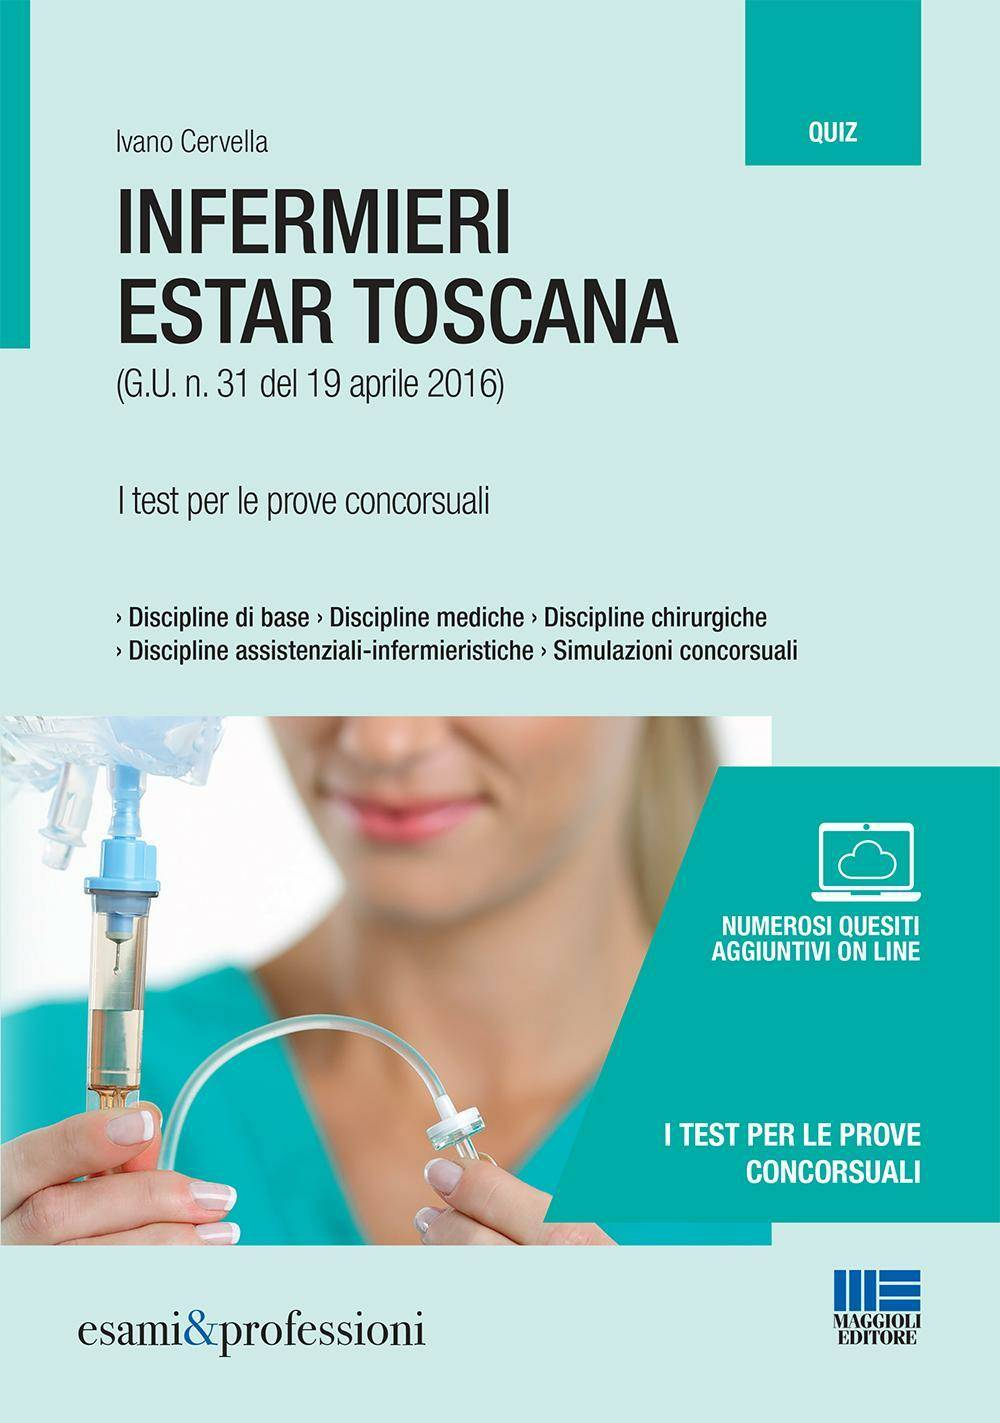 Ivano Cervella Infermieri Estar Toscana. I test per le prove concorsuali ISBN:9788891617774